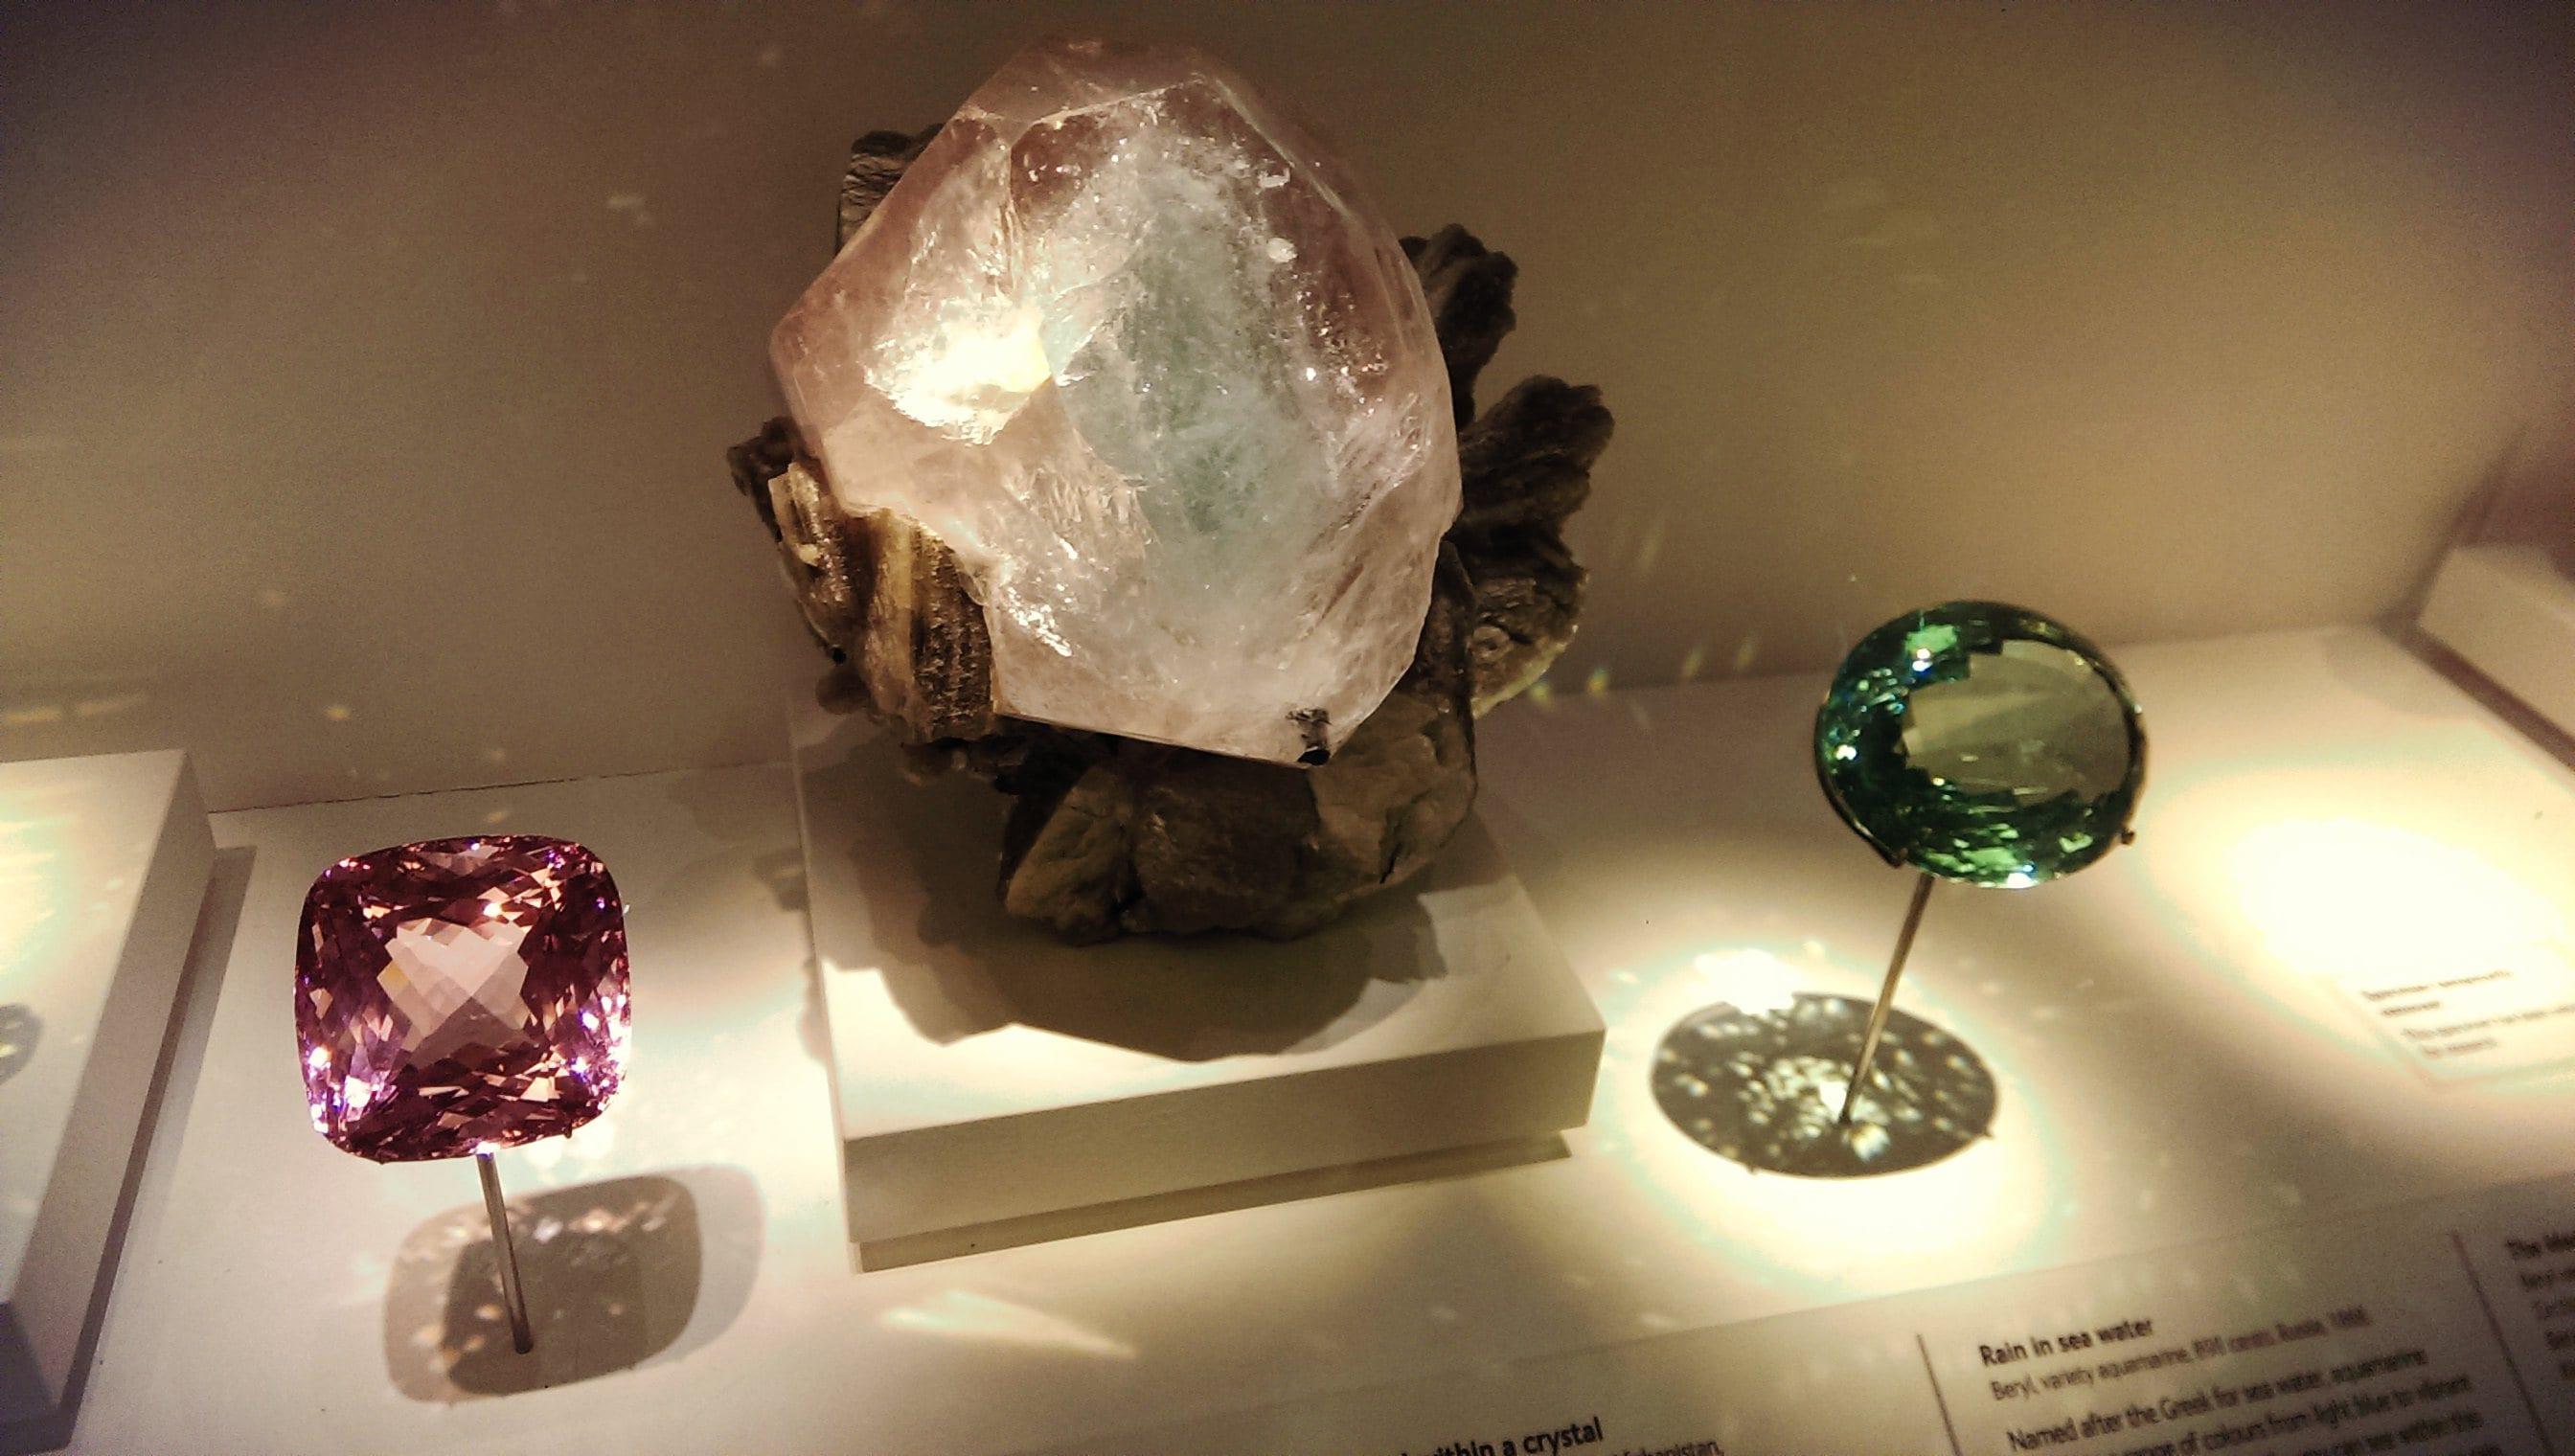 Bling, Bling: Welche Frau hätte diese Edelsteine nicht gerne im Schmuckkasten?